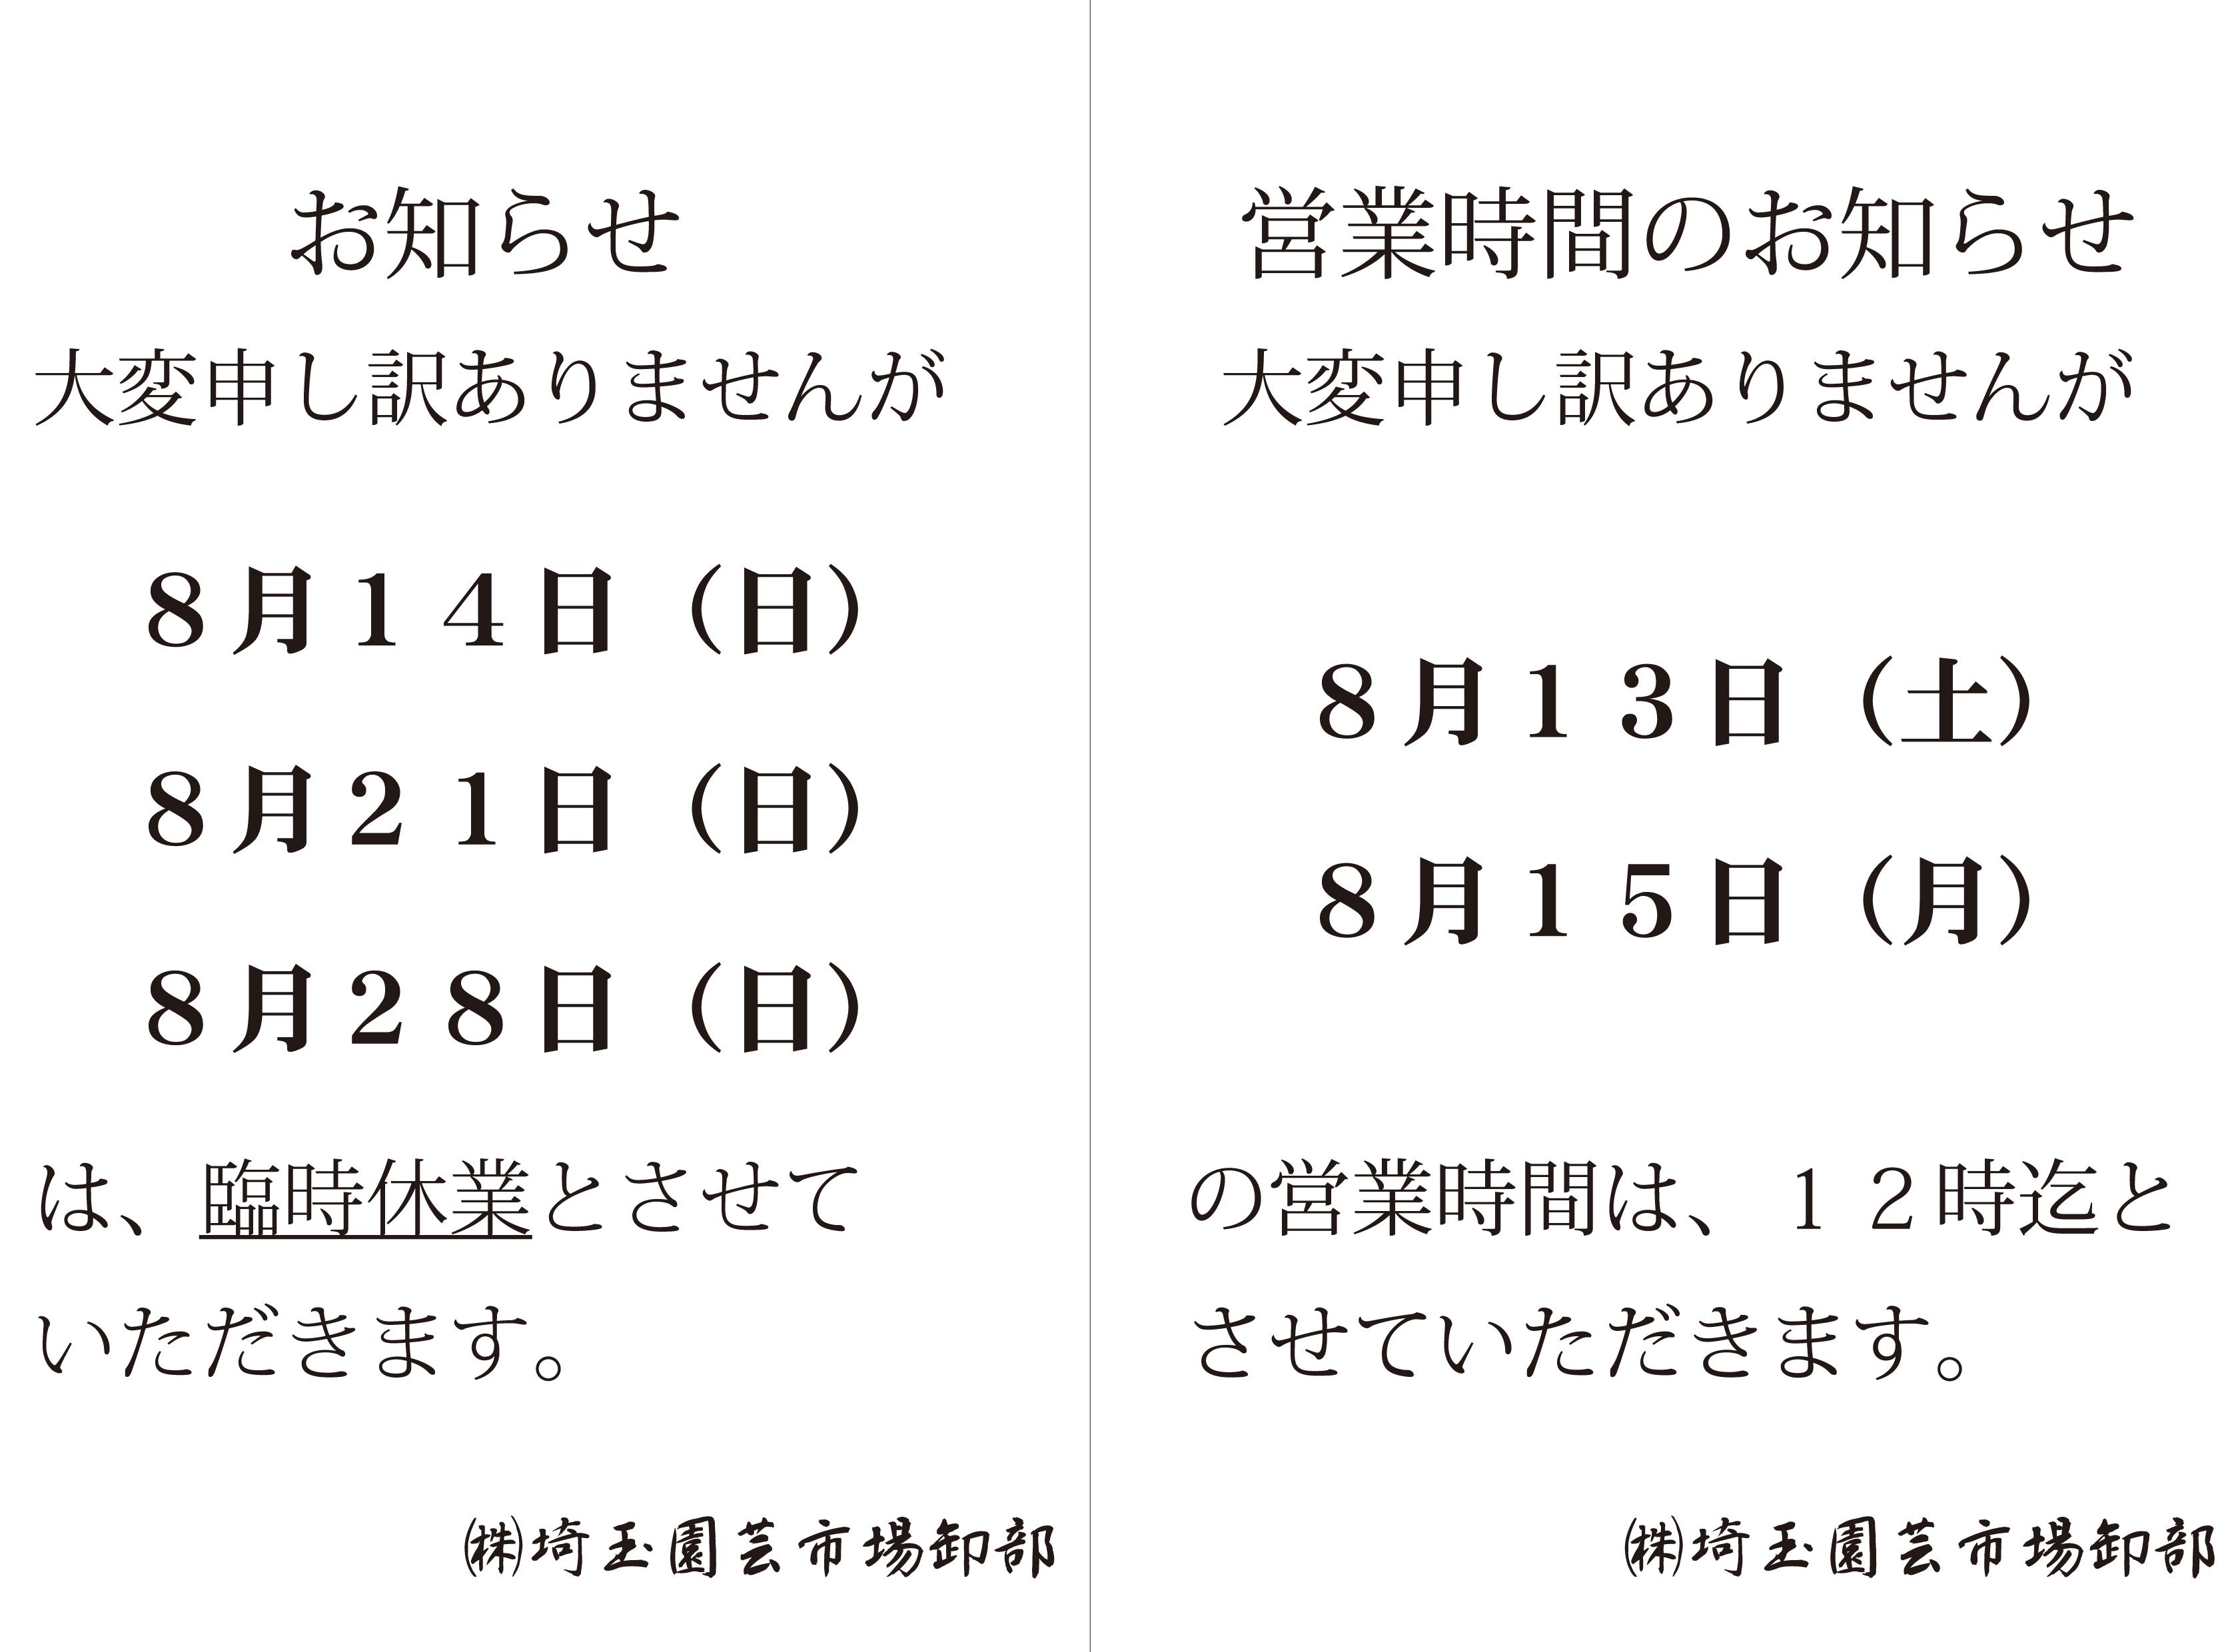 園芸店巡礼19 – 埼玉園芸市場 saien – twelve